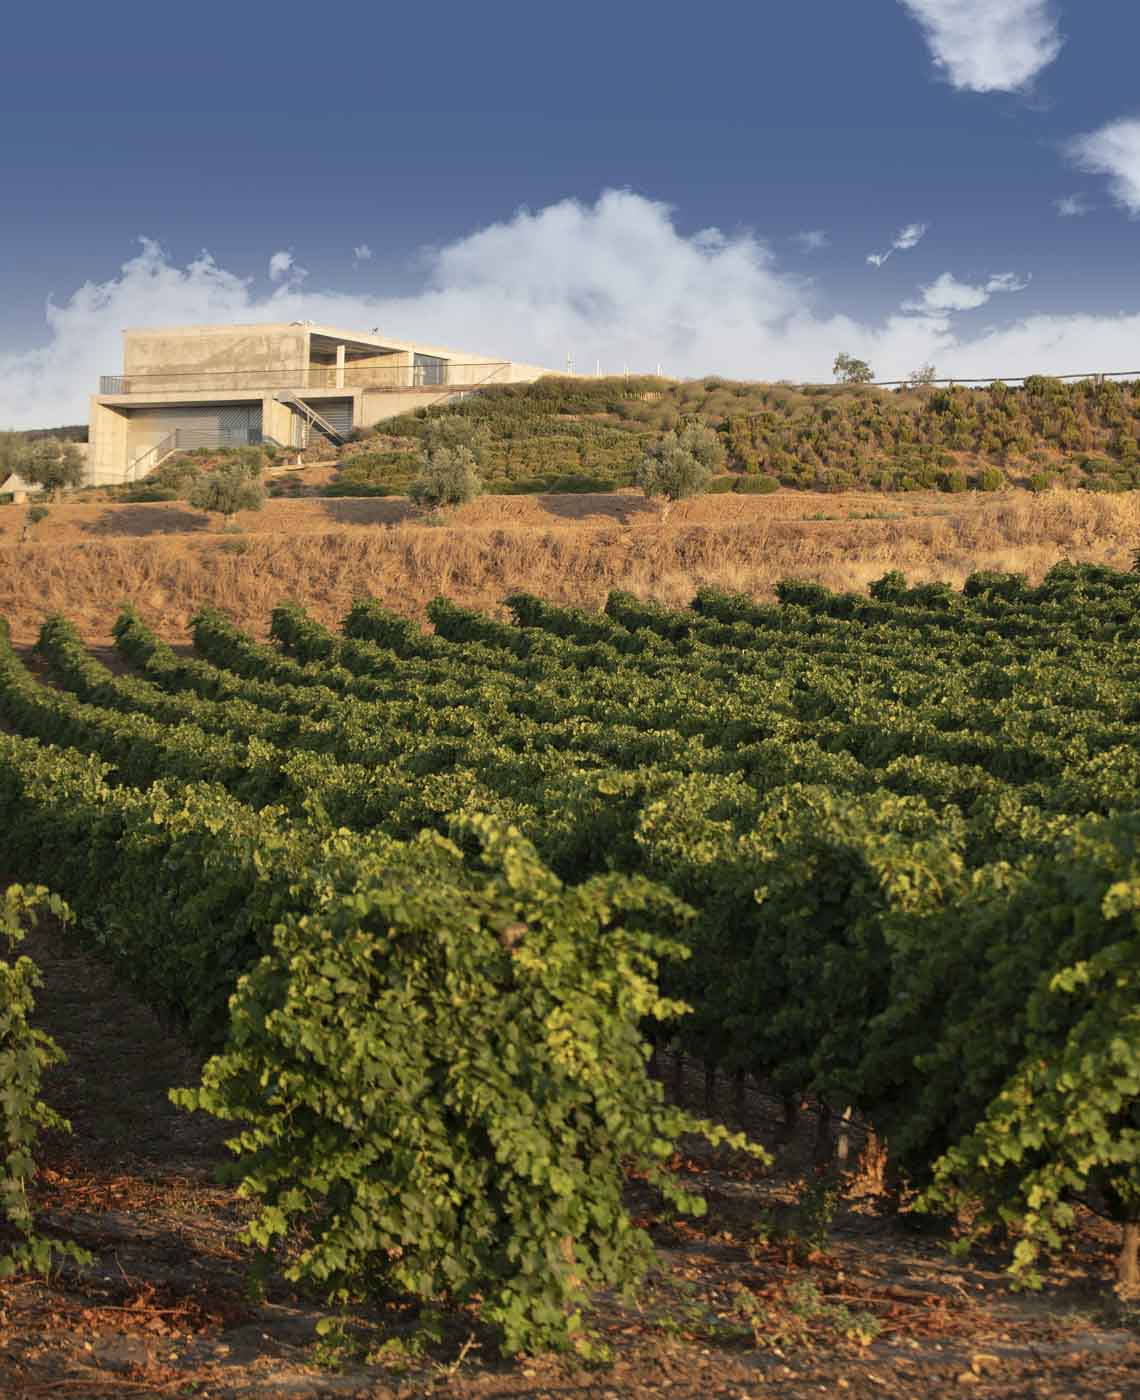 Ruta del vino de DO Rueda, turismo del vino en Finca Montepedroso